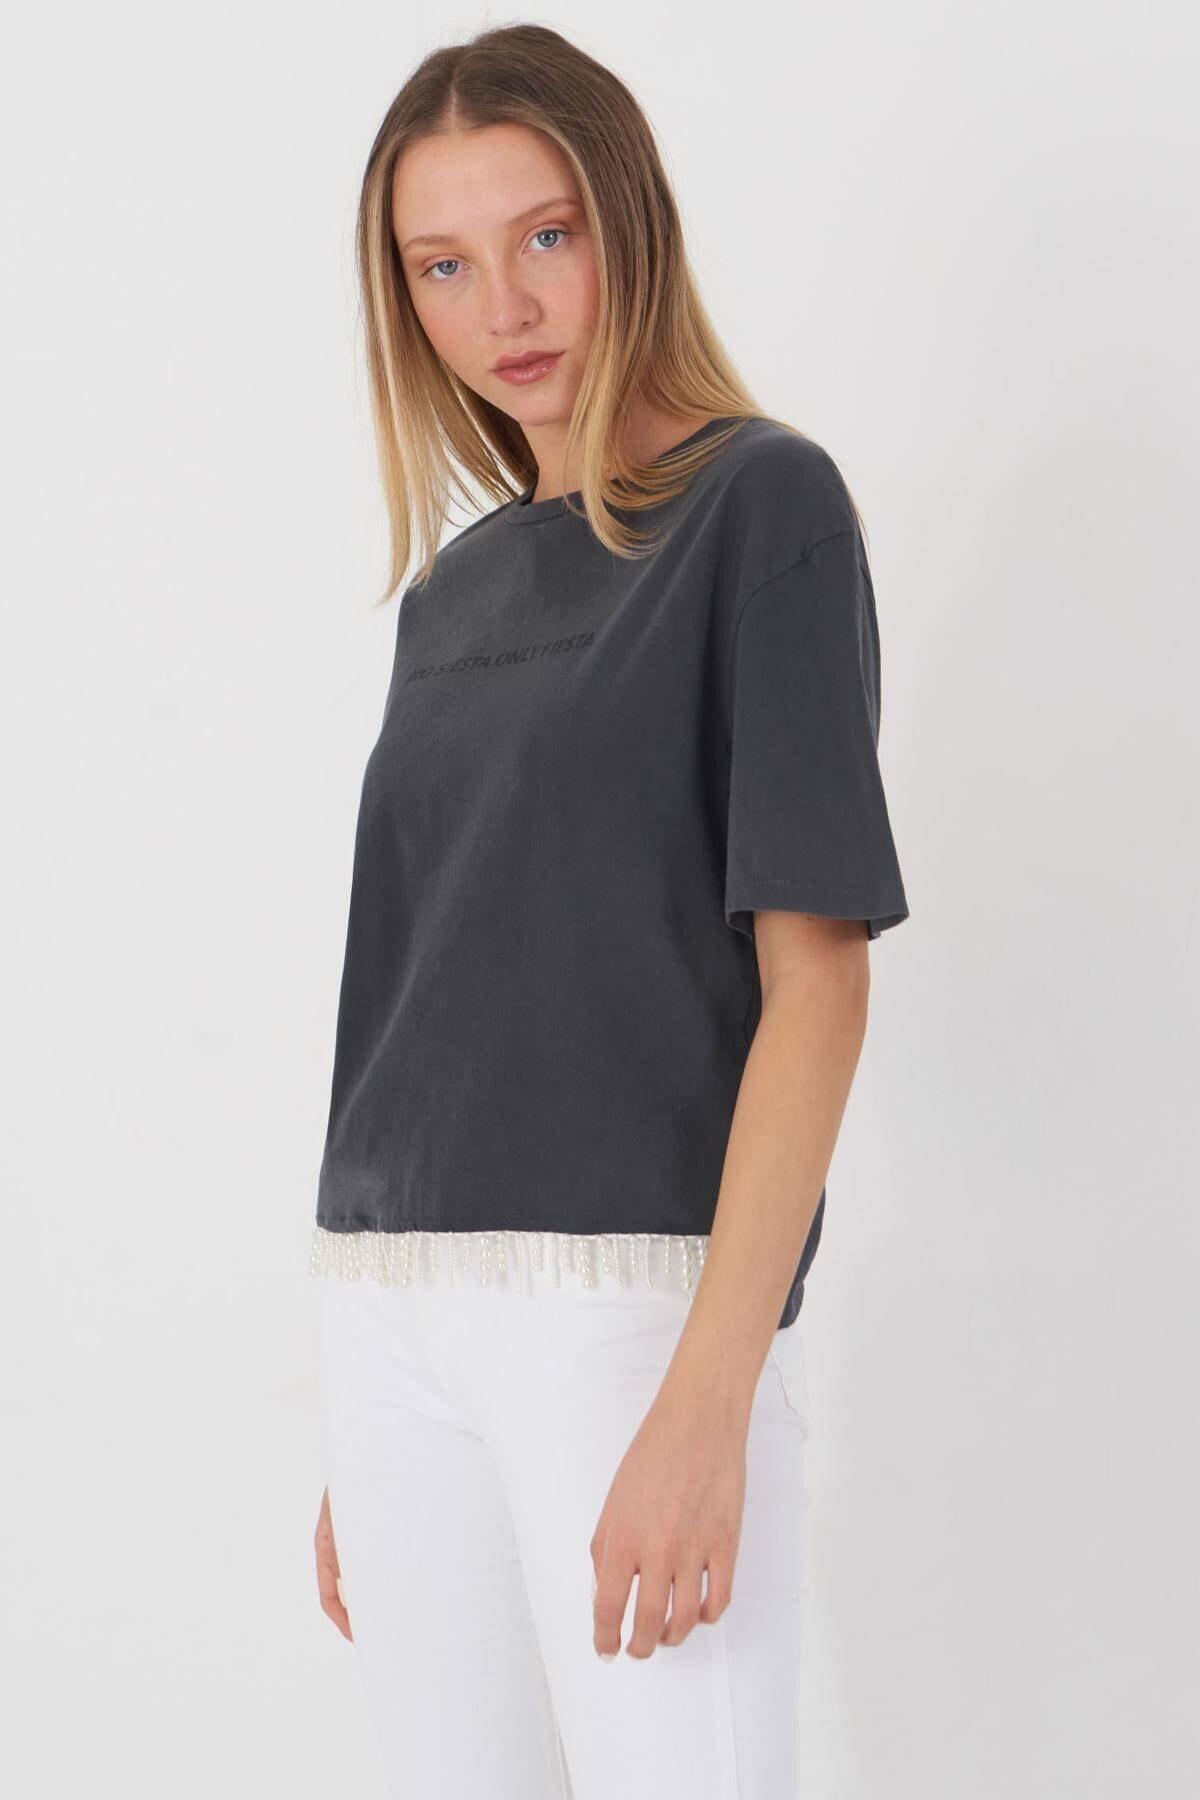 Addax Kadın Füme Boncuk Detaylı Tişört P12236 - T10 Adx-0000023903 1